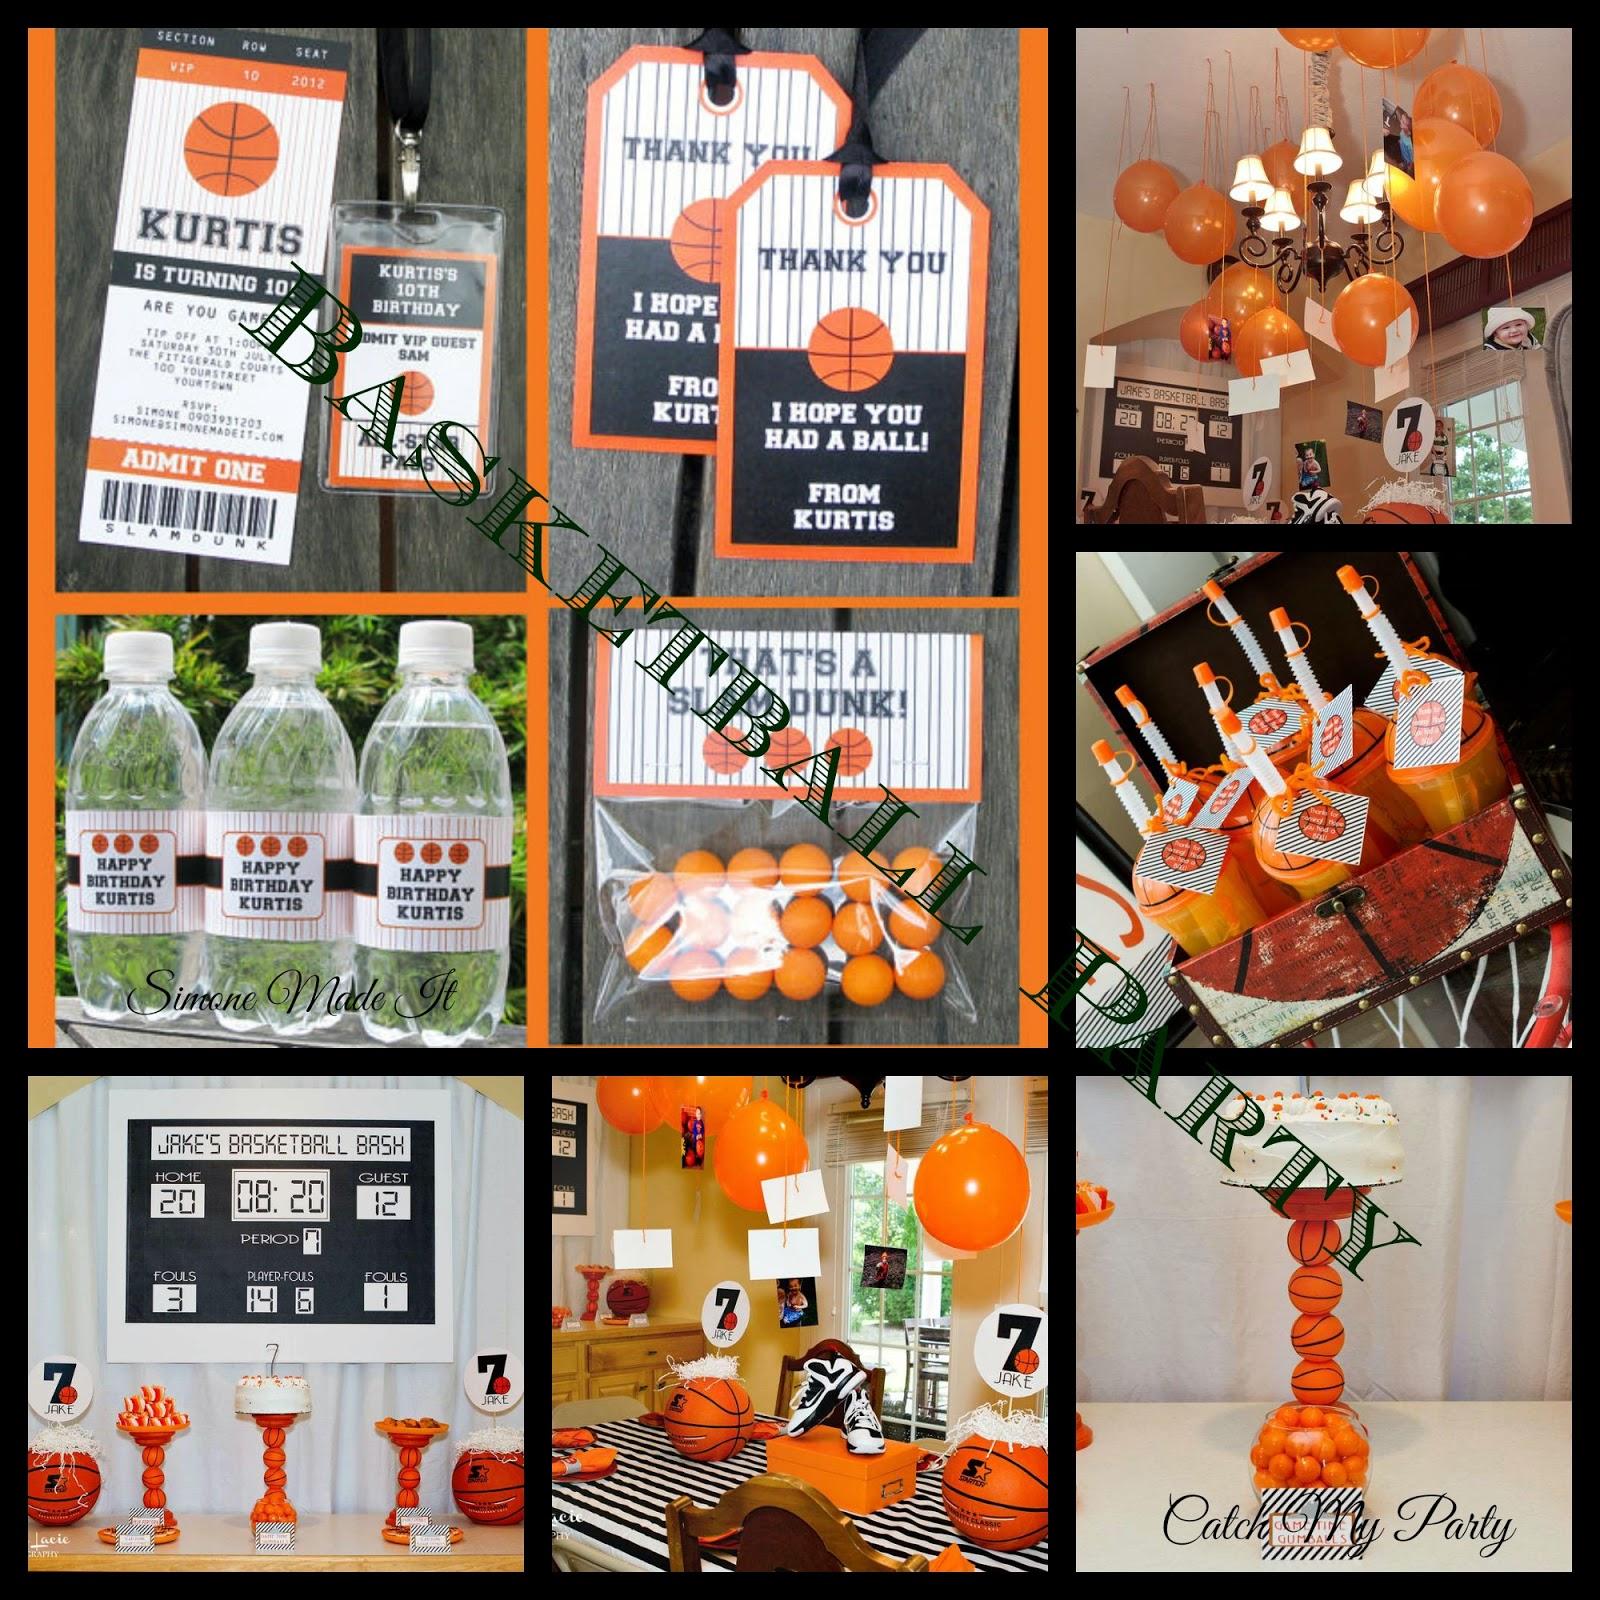 6 February Kid S Birthday Party Ideas Savvy Nana